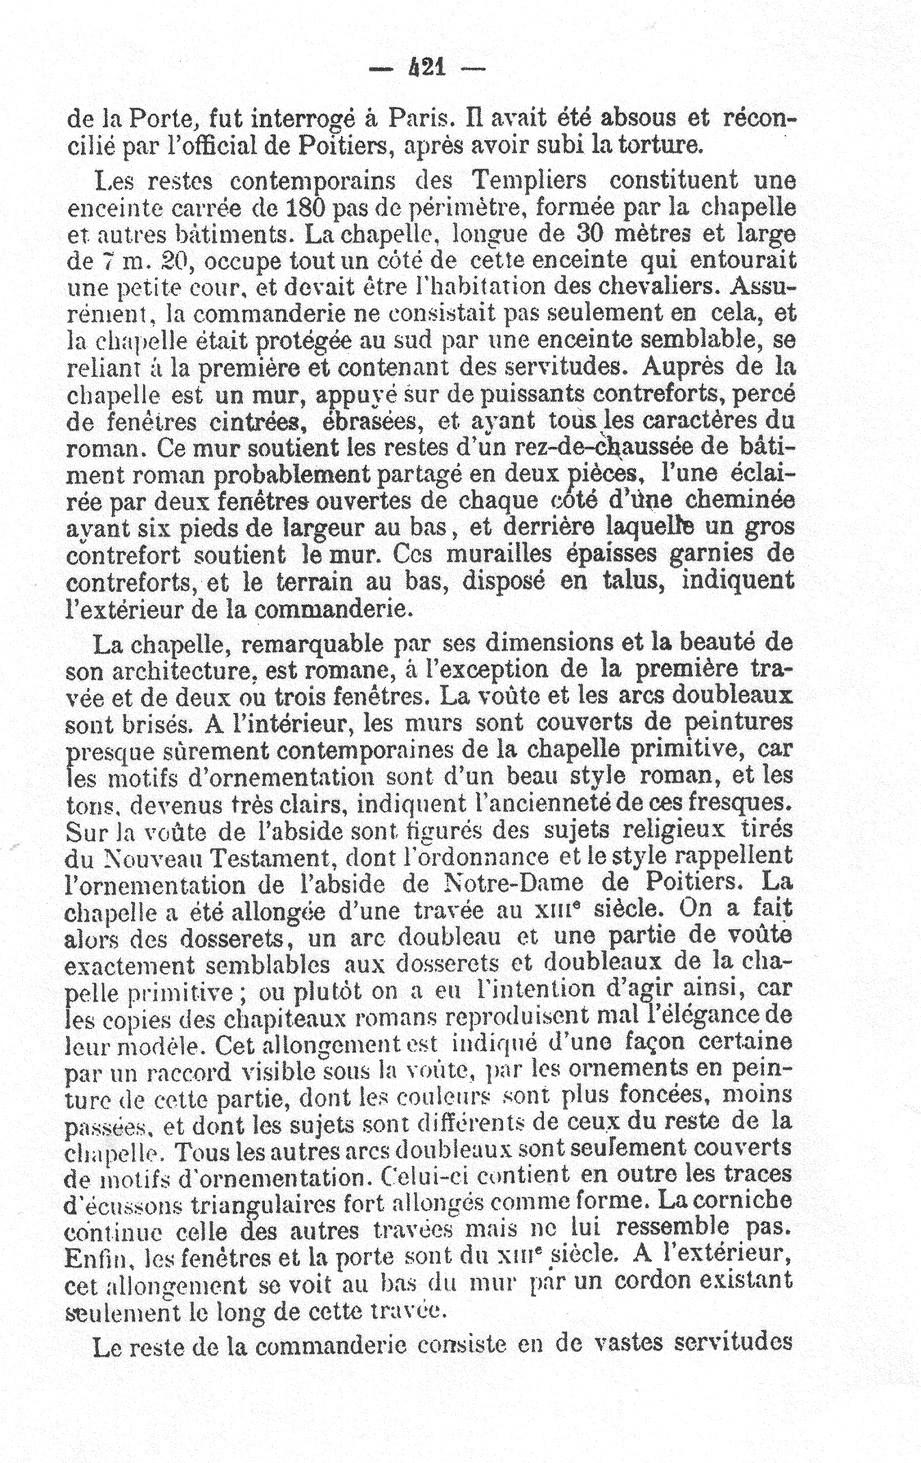 Rochebrochard - Revue Poitevine et Saintongeaise - T VI - Etude sur quelques commanderies des Templiers d'Aquitaine - 1889 p.421